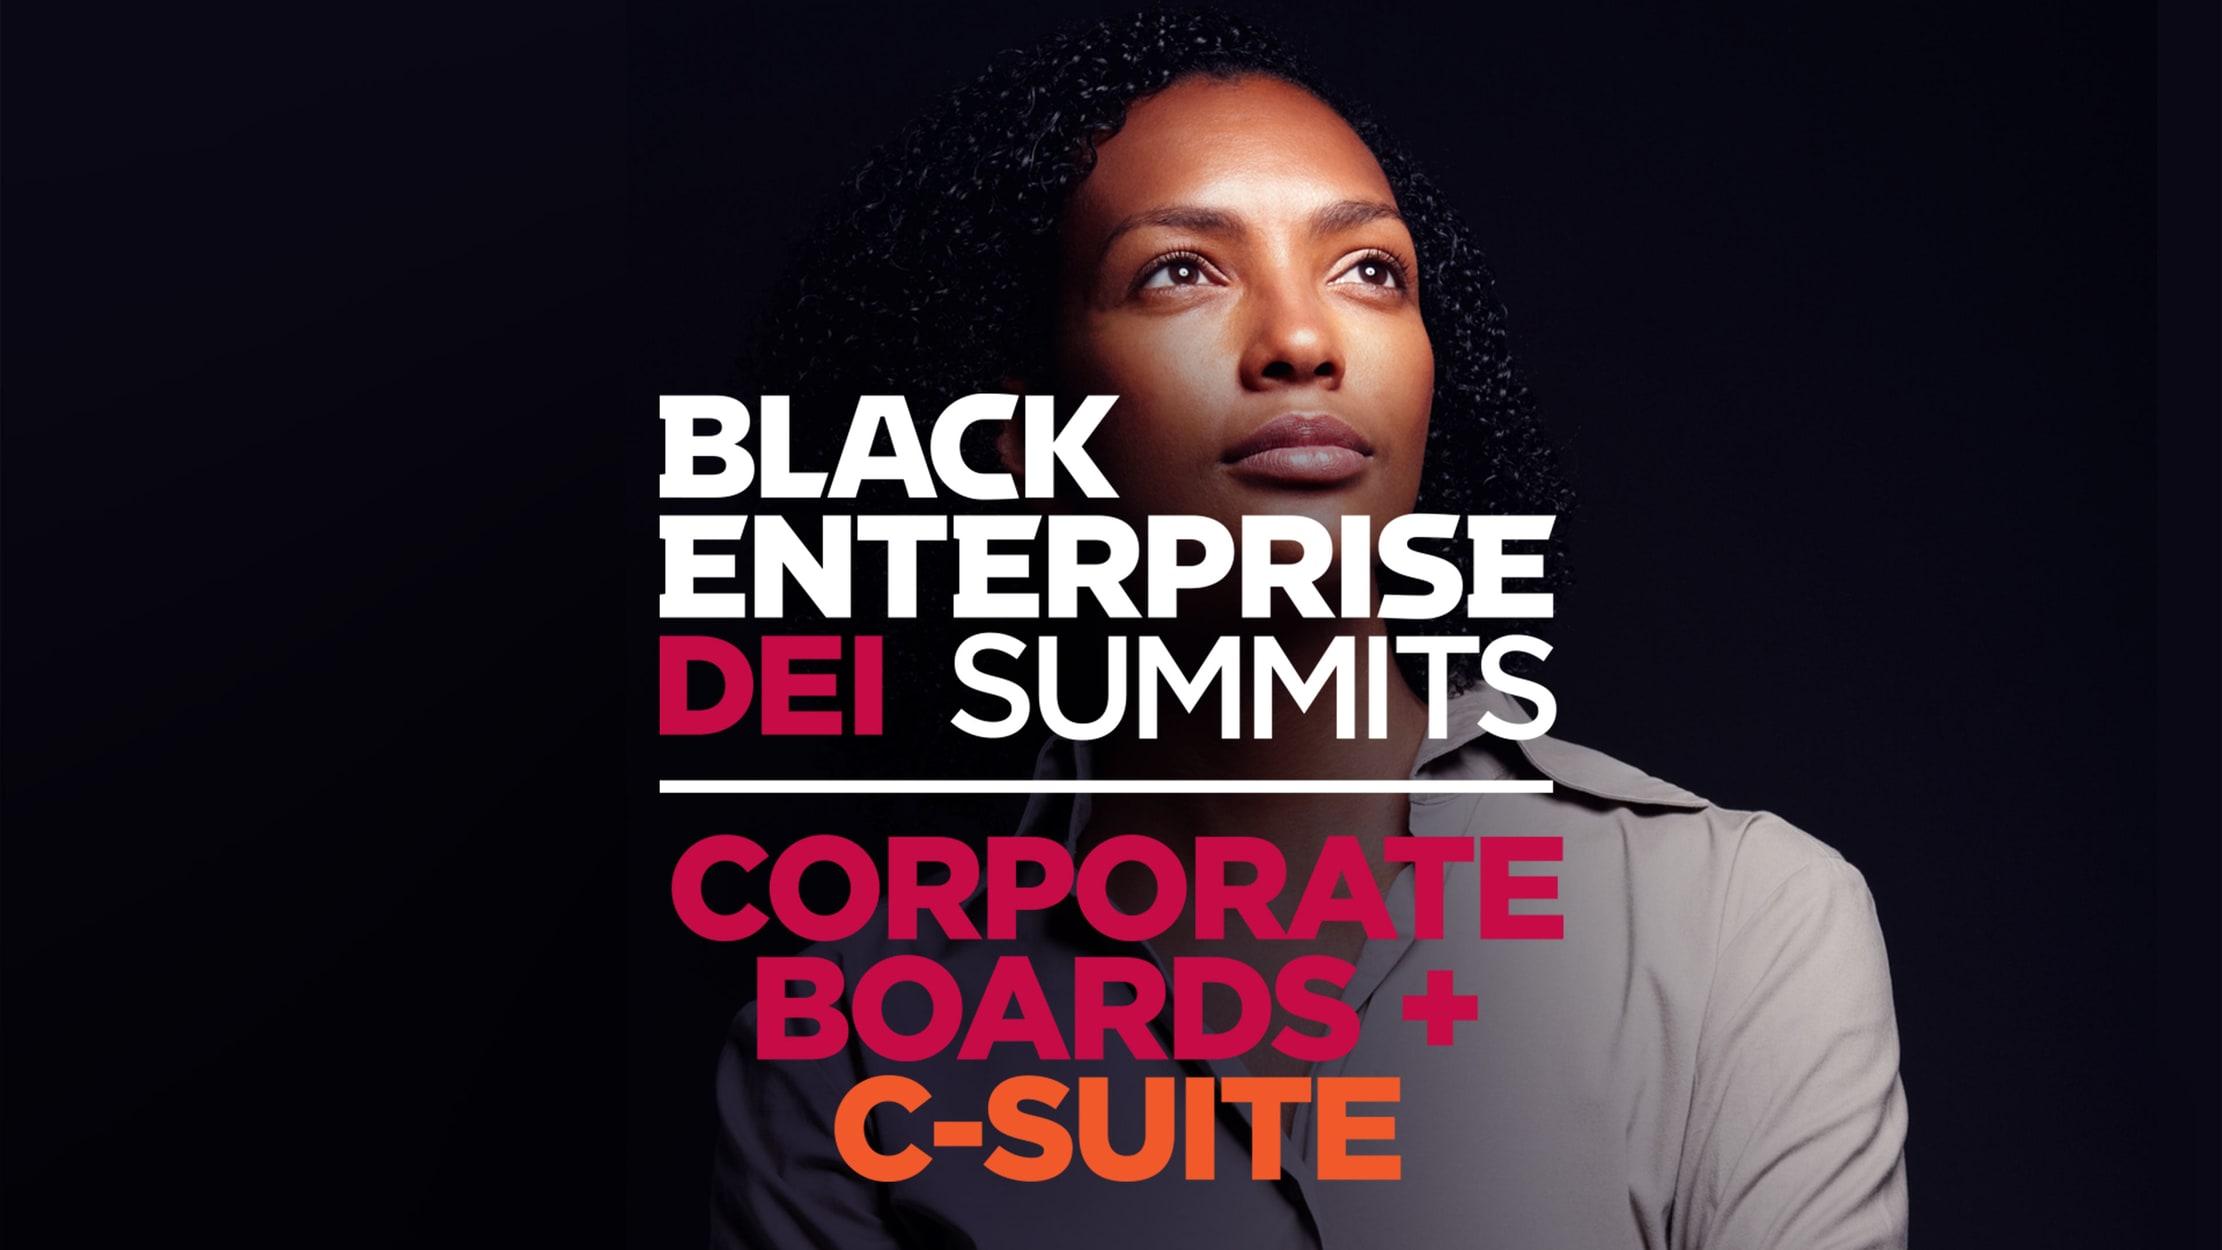 Black Enterprise DEI Summit seriesDetail